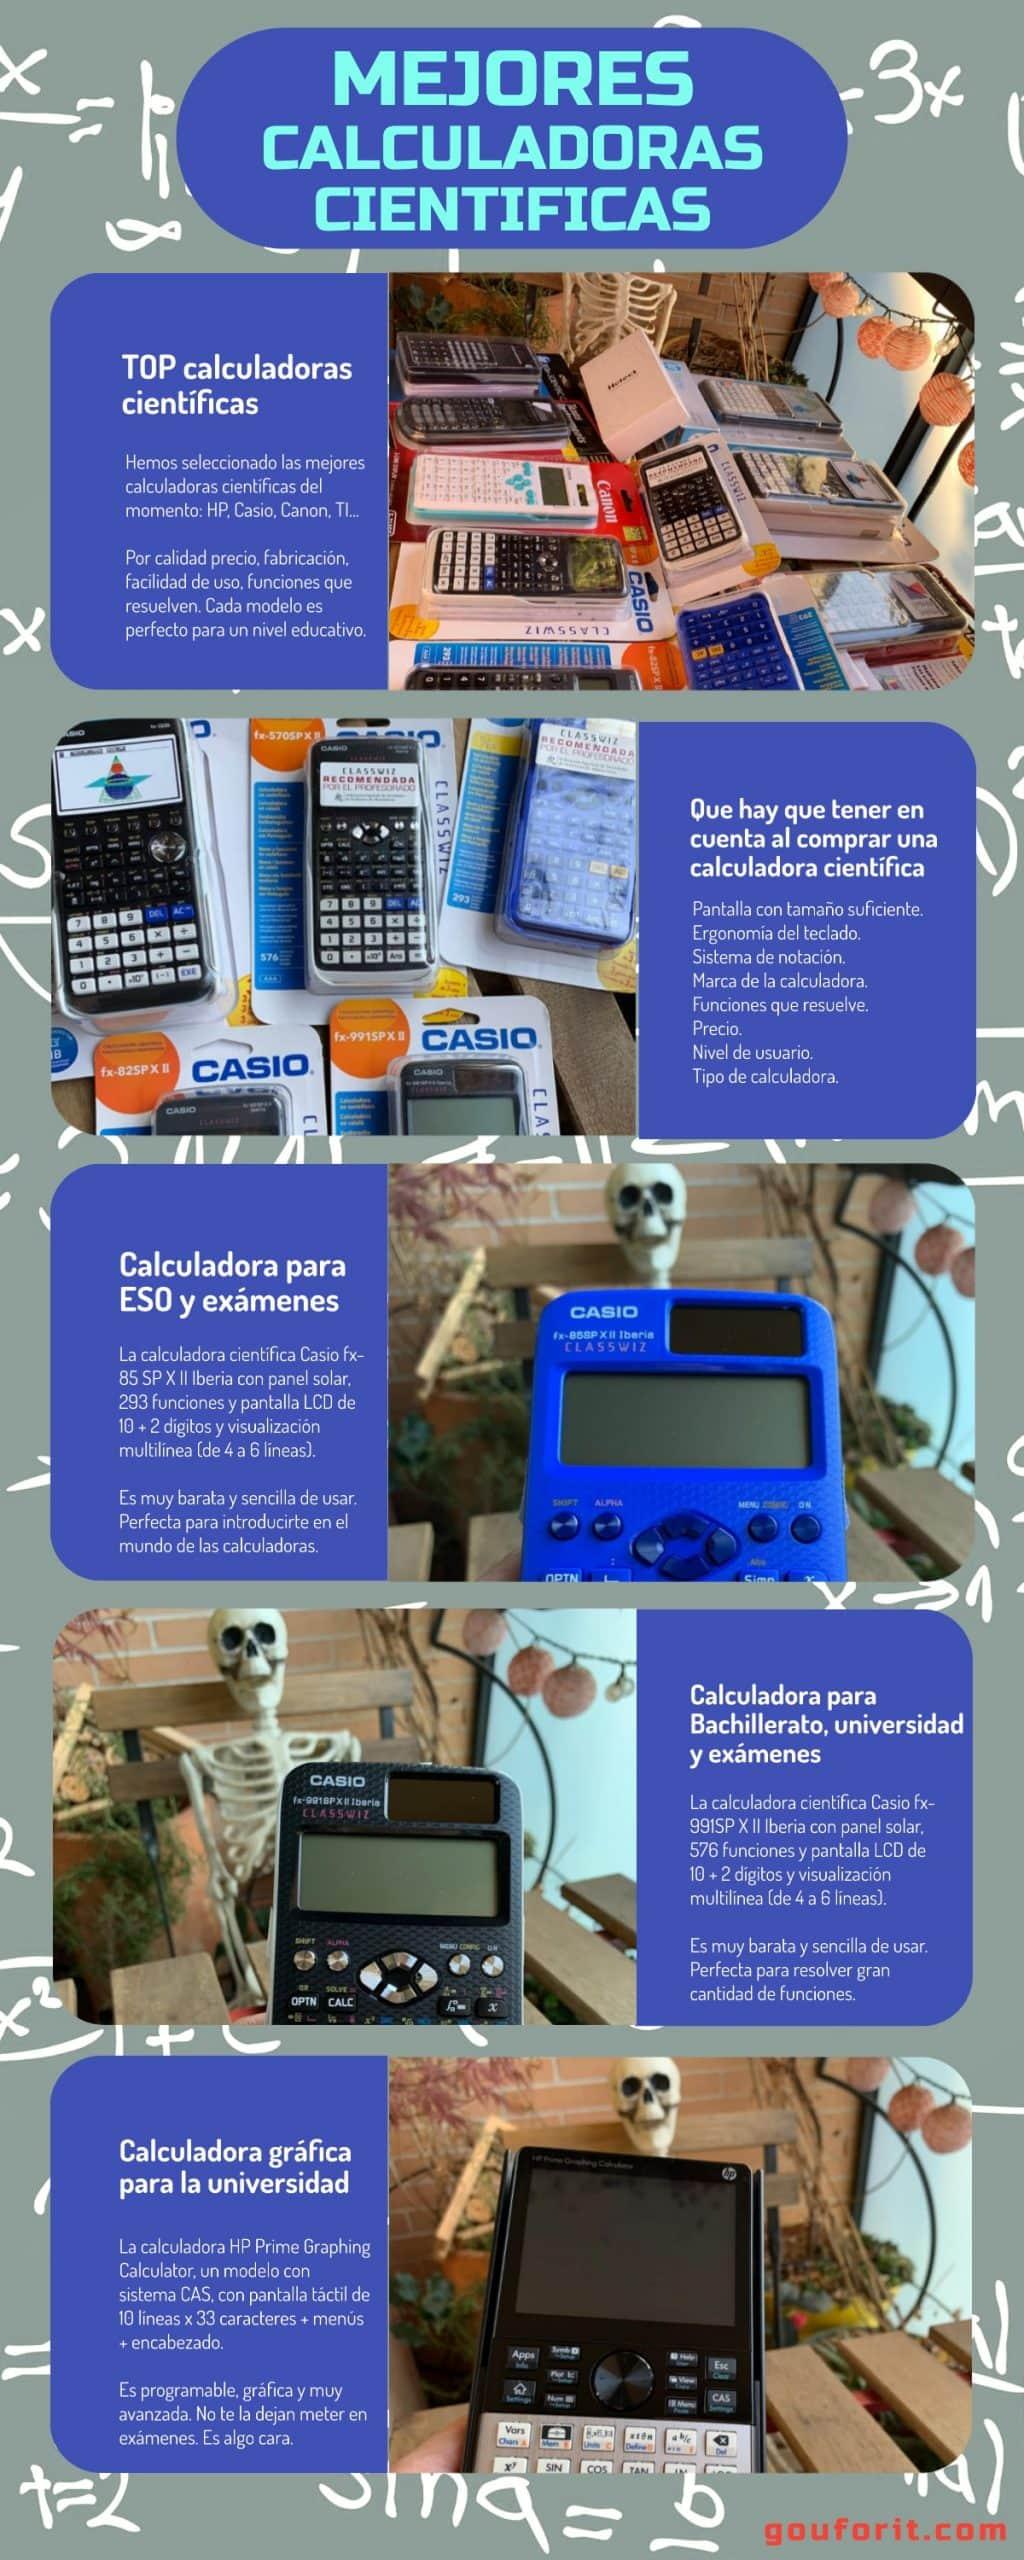 infografia mejores calculadoras cientificas